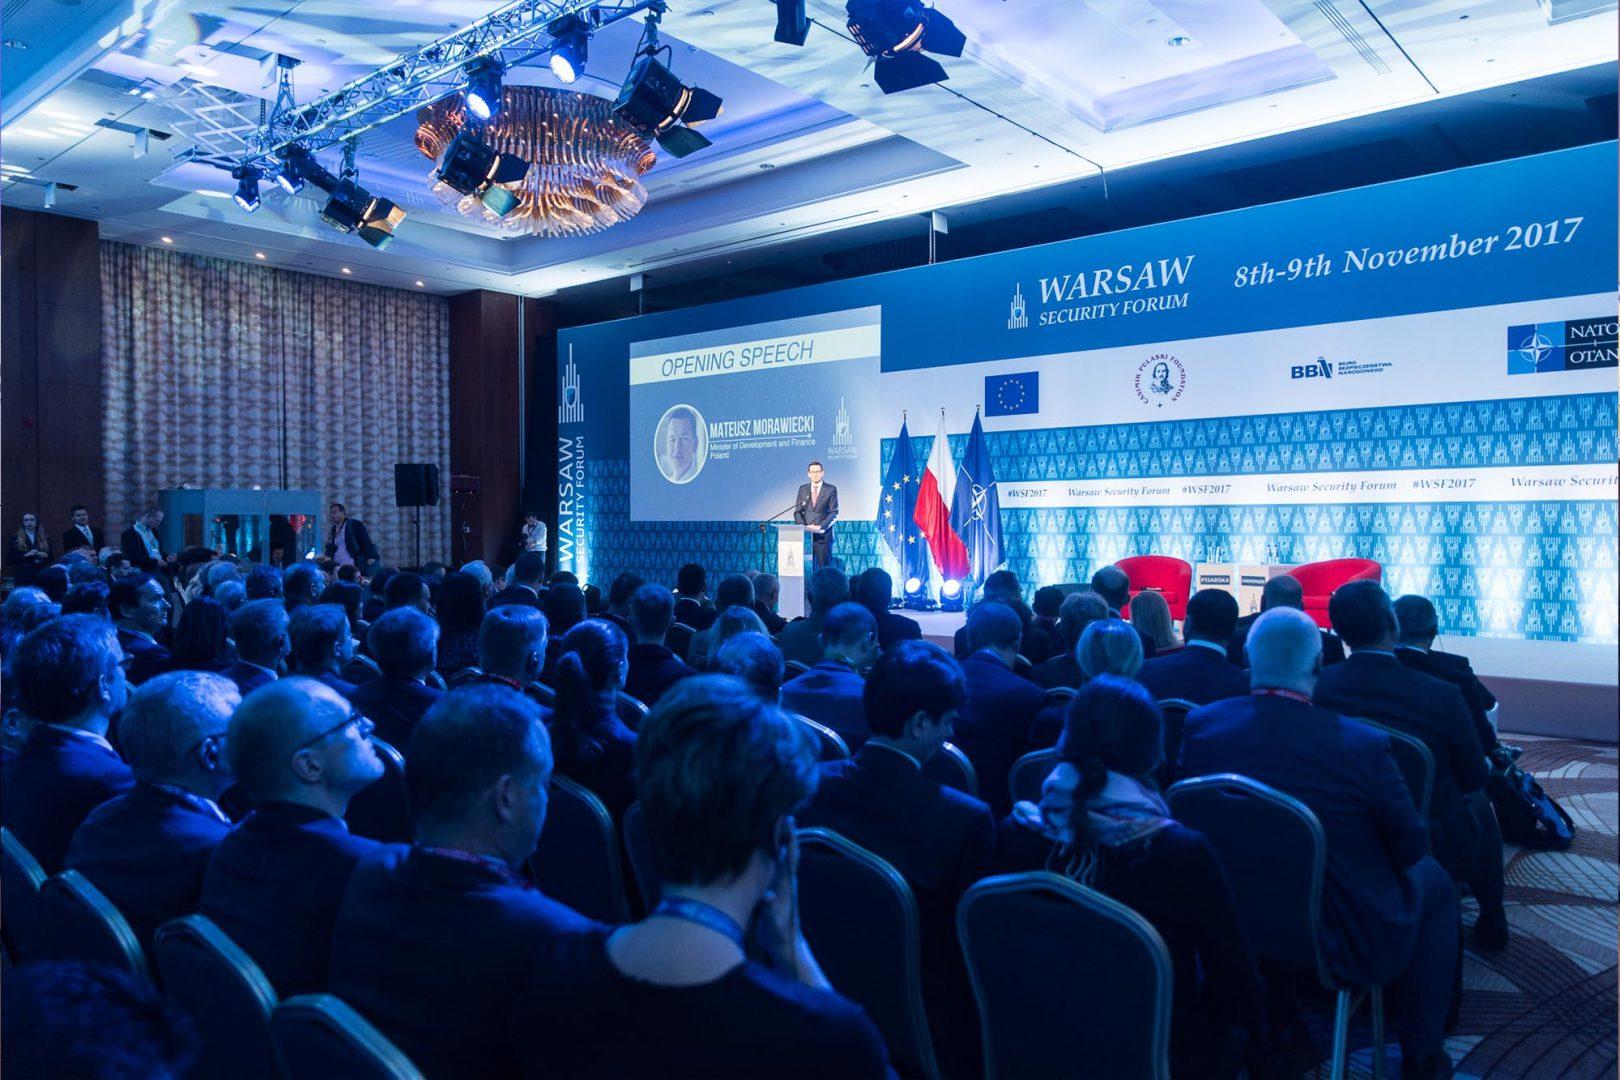 Zakończyła się międzynarodowa konferencja Warsaw Security Forum